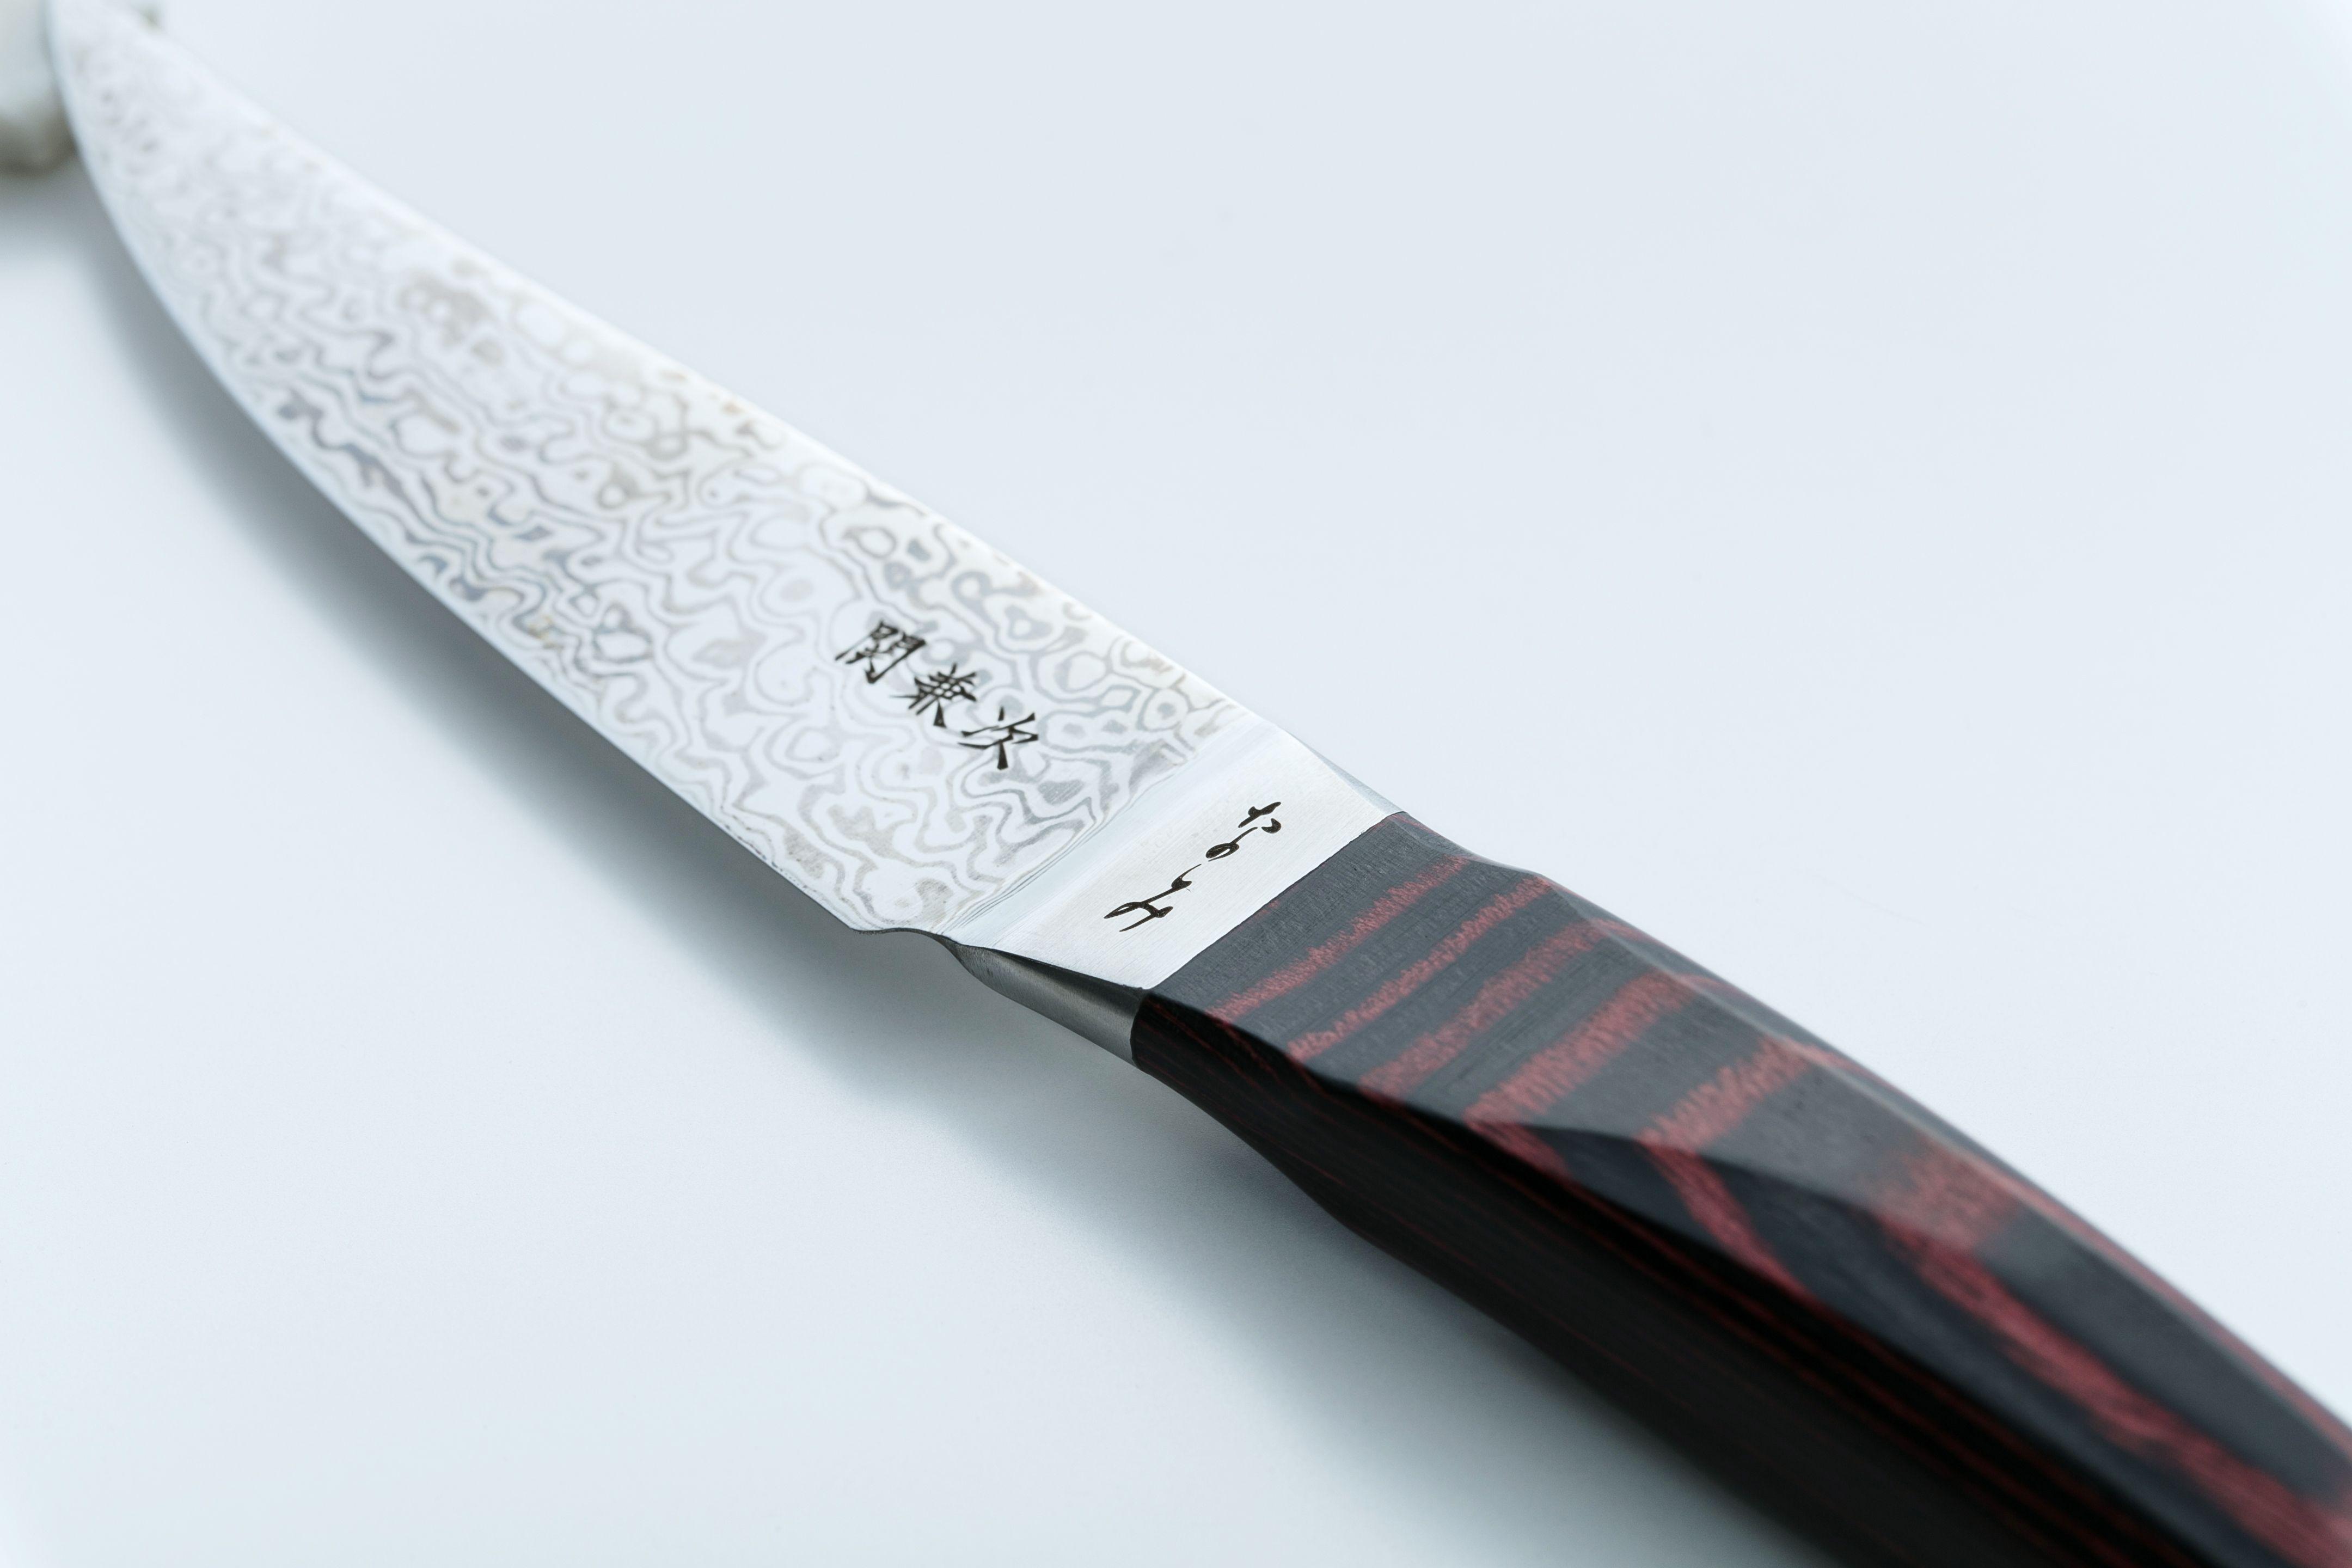 コアレスダマスカス ナイフ